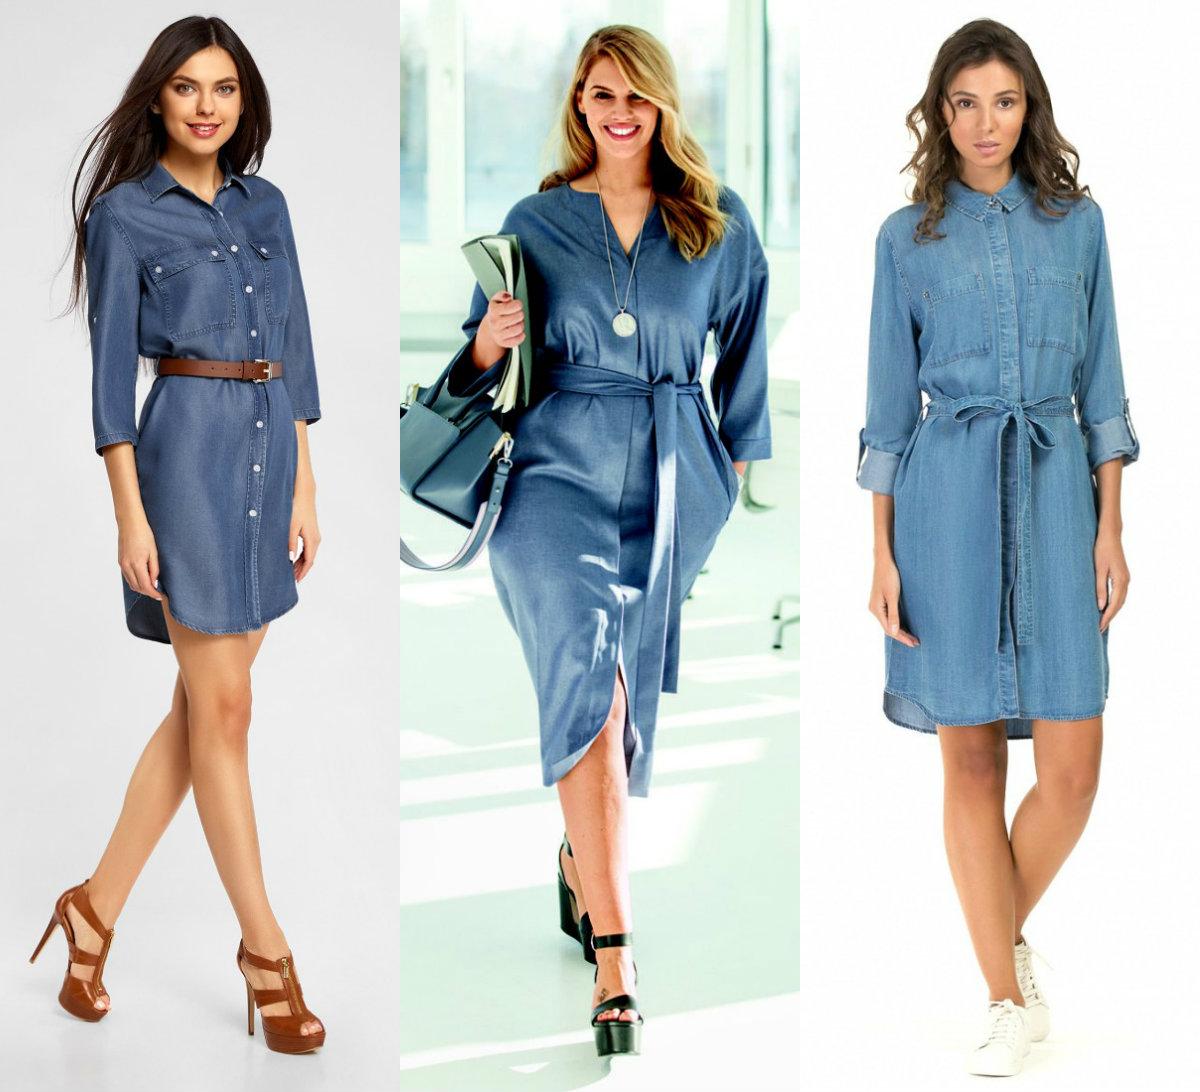 Джинсовые платья 2018: модели в рубашечном стиле